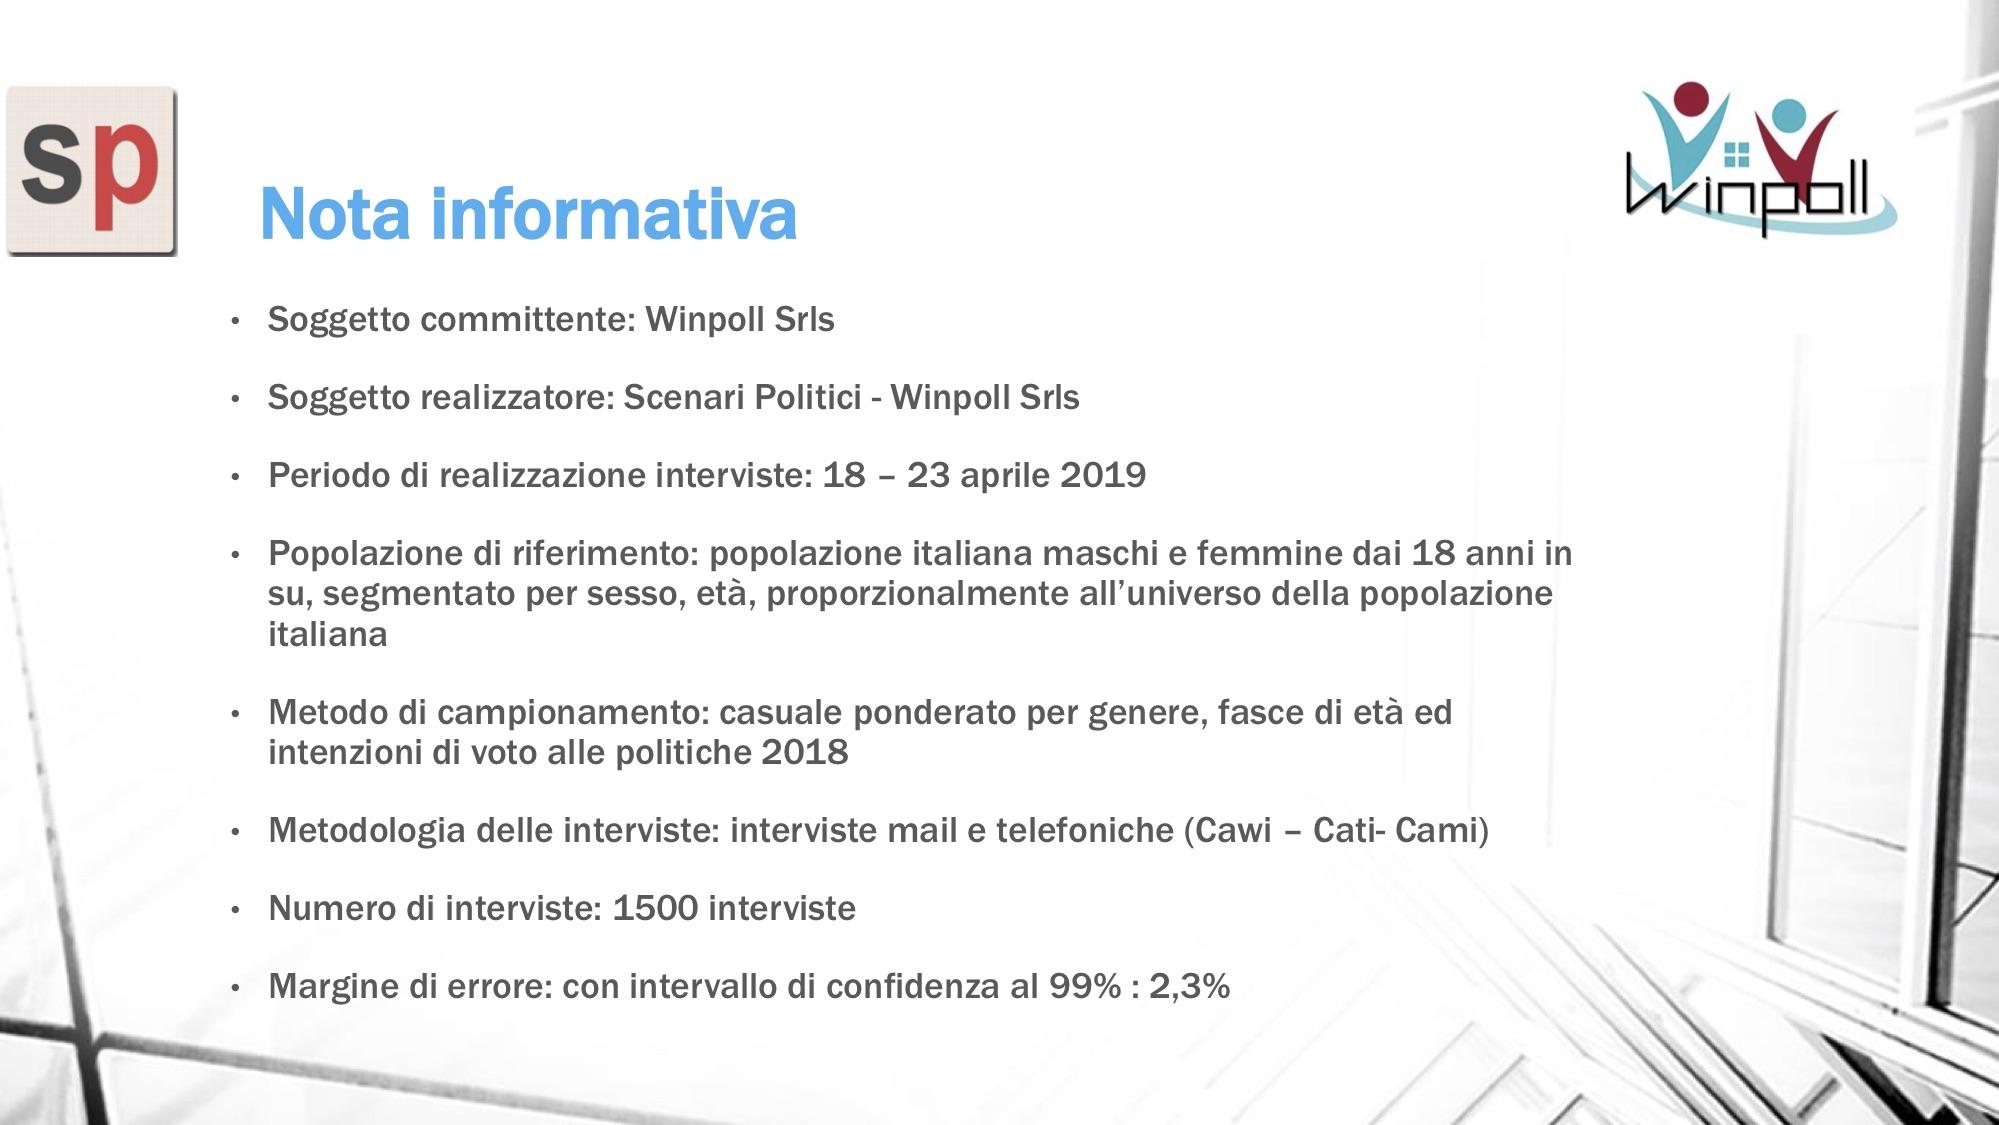 Sondaggio Scenari Politici WinPoll 23 aprile 2019